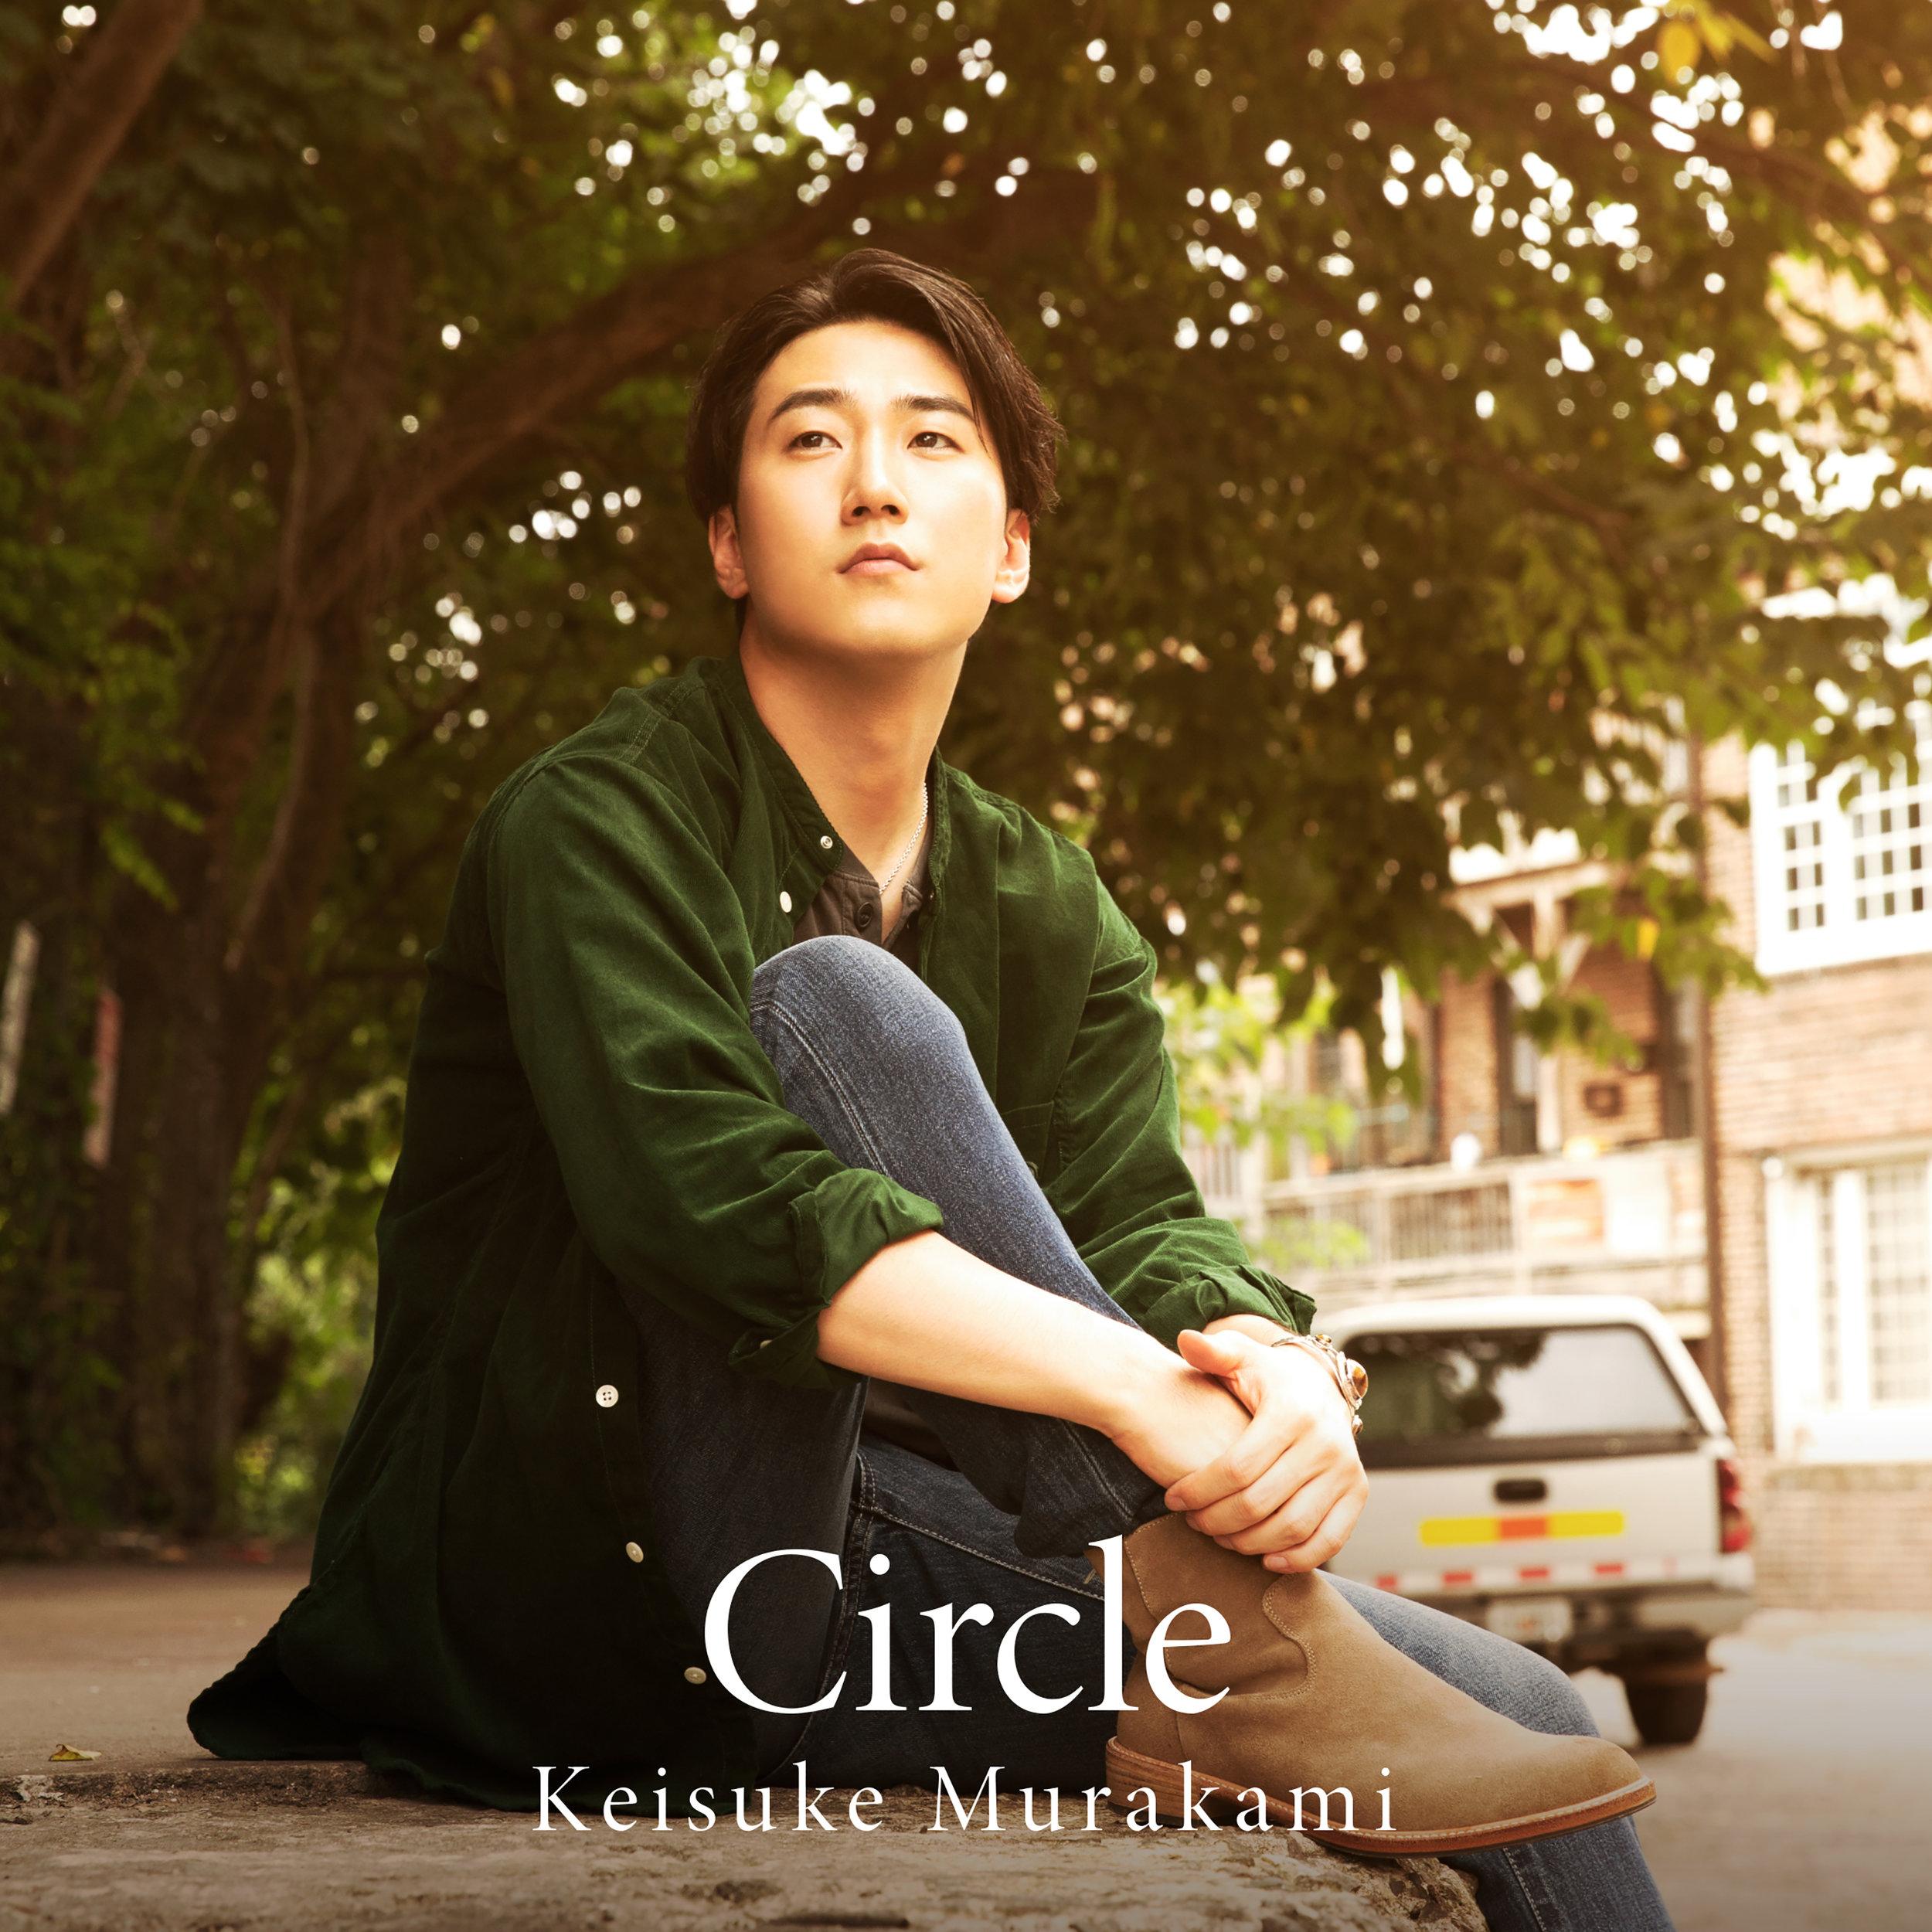 「Circle」 <初回盤>(CD+DVD) UPCH-29308 ¥3,800 + tax